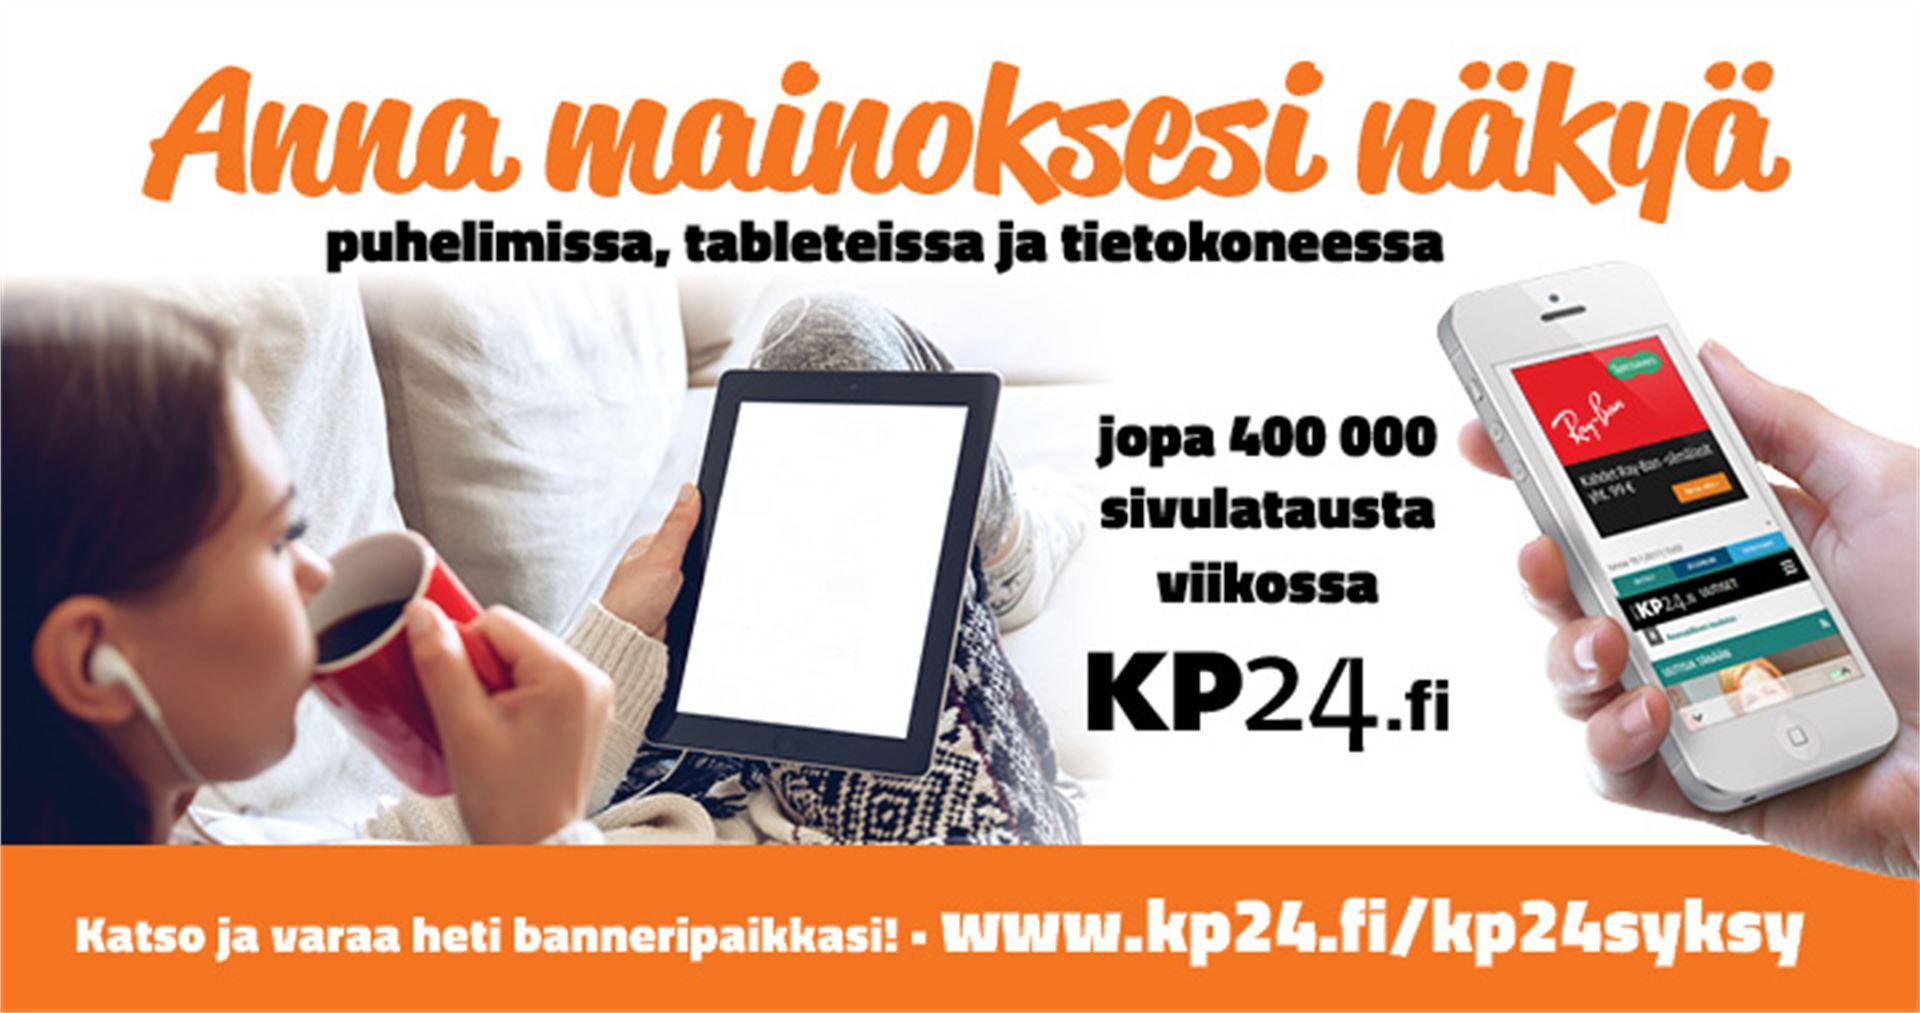 Kp24 - bannerit